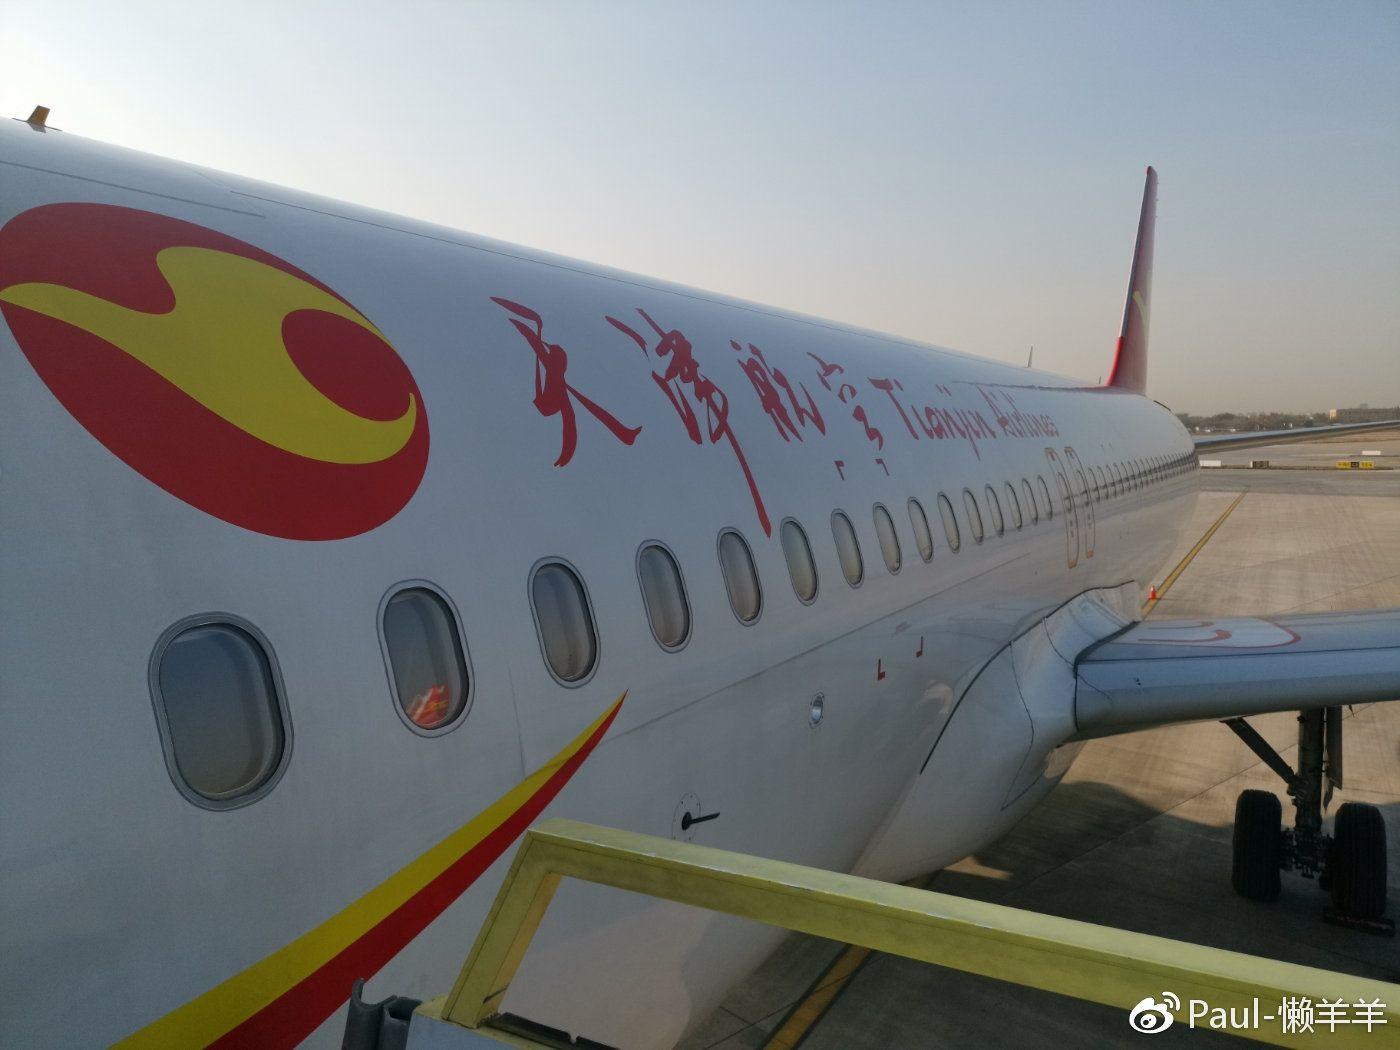 到底值不值?常旅客眼中的天津航空差异化服务